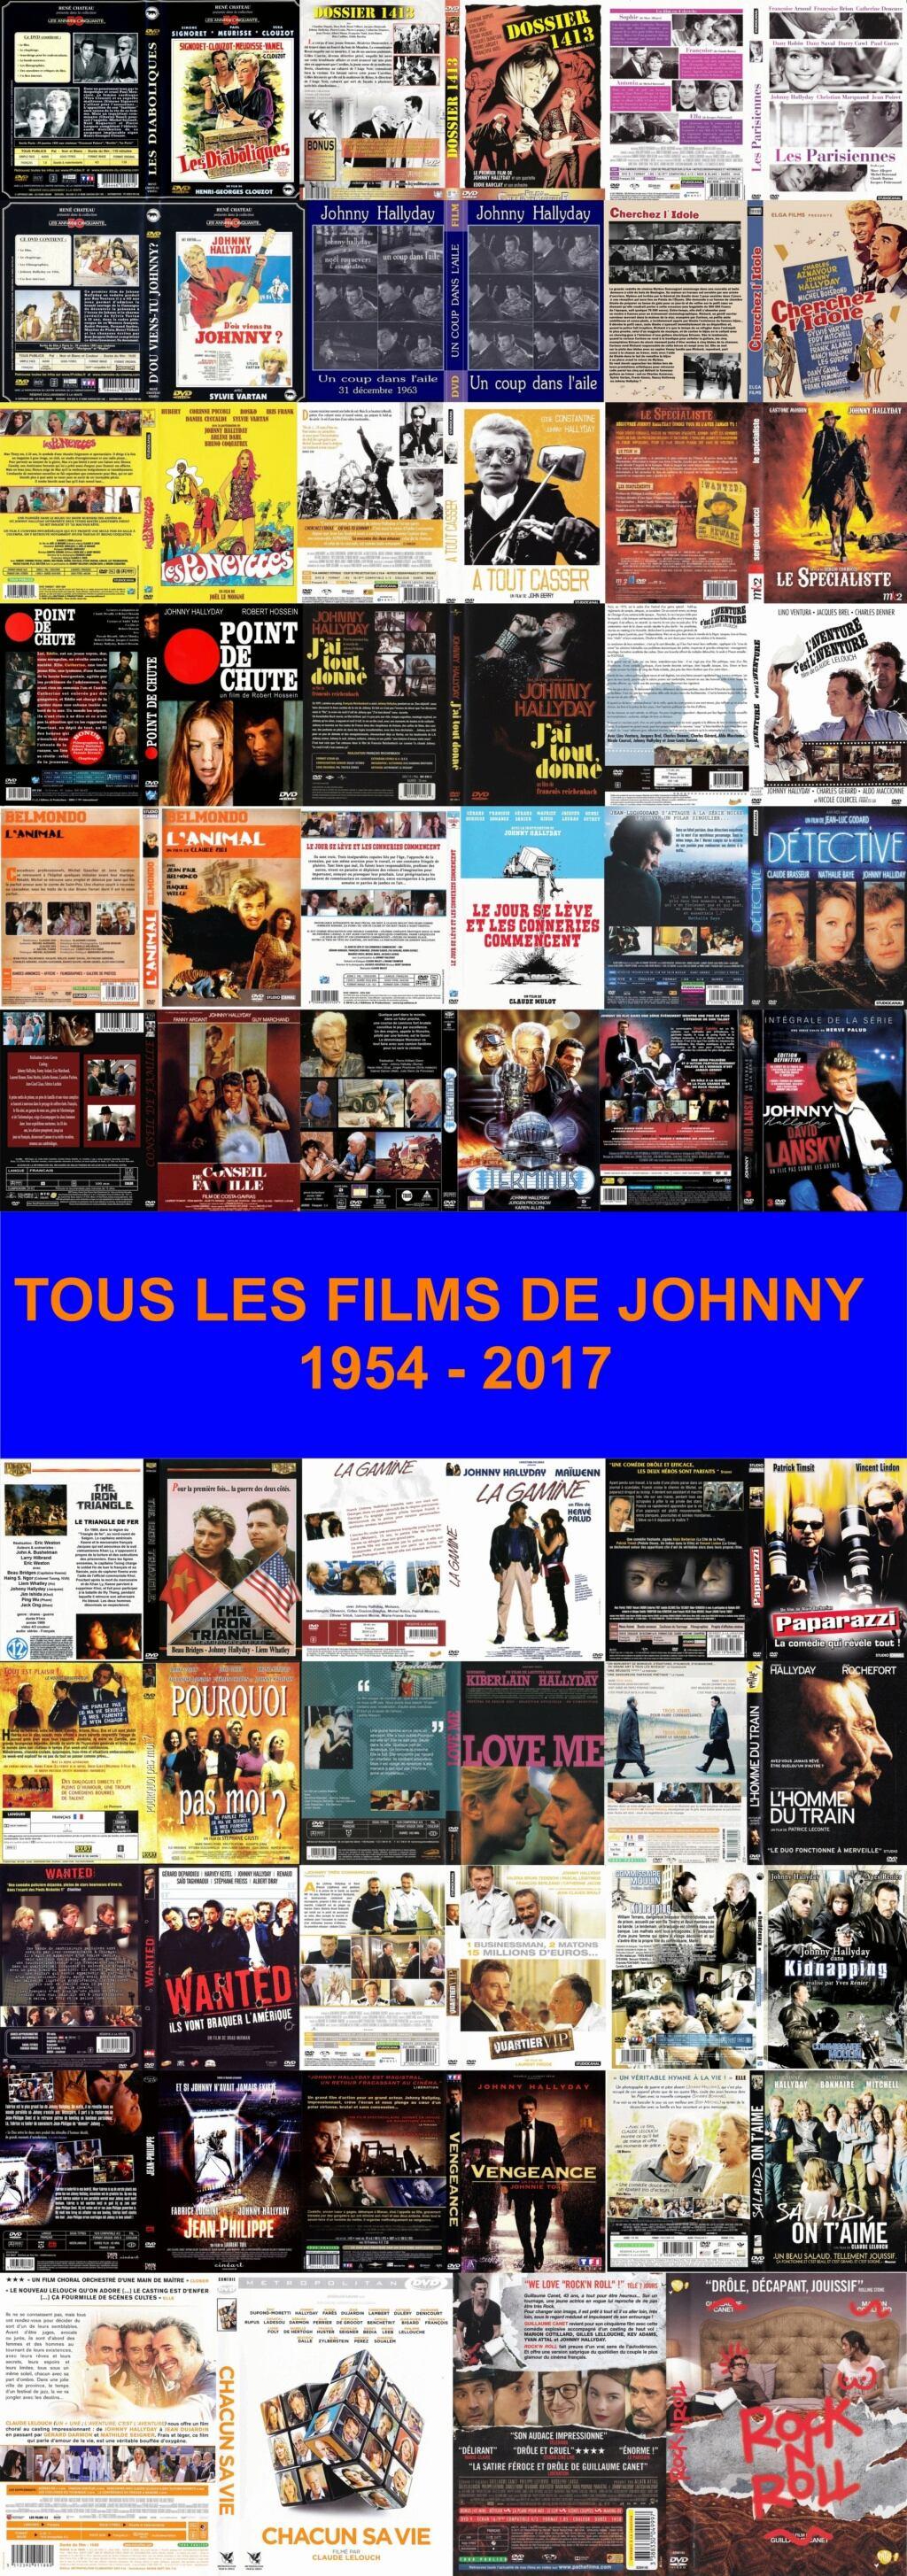 PROCHAINEMENT LES FILMS DE JOHNNY ( 1954 - 2016 ) 2316